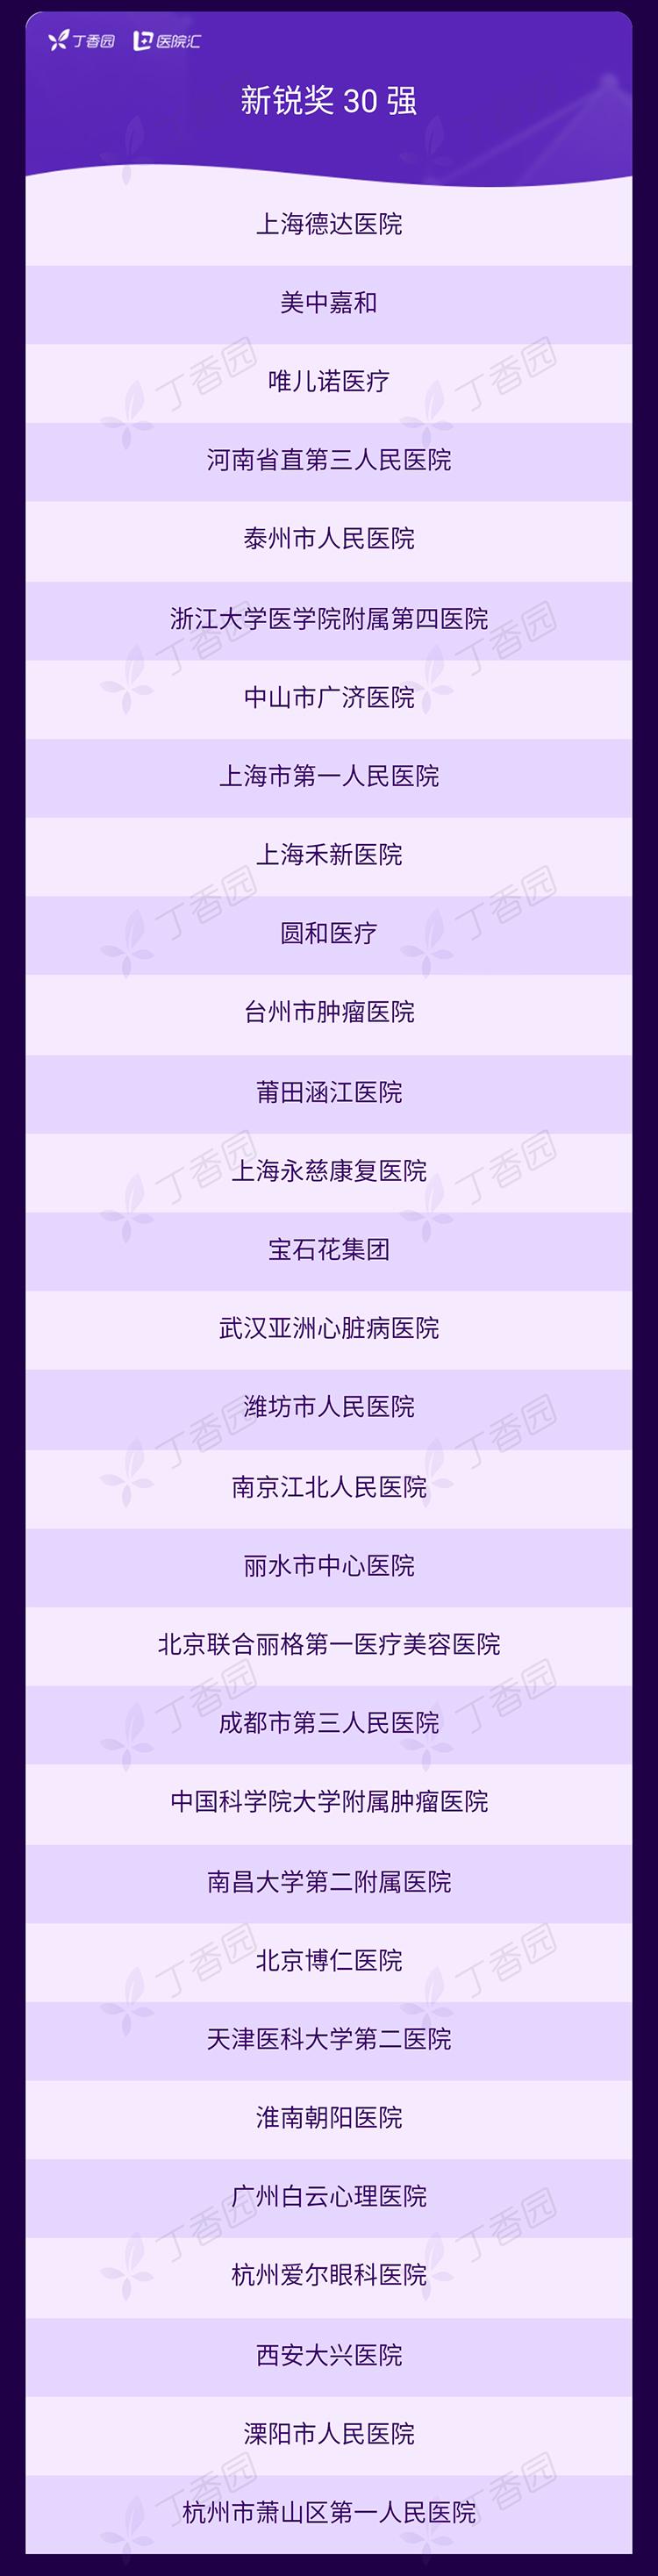 丁香园发布 2019 年度「中国医疗机构品牌传播百强榜」